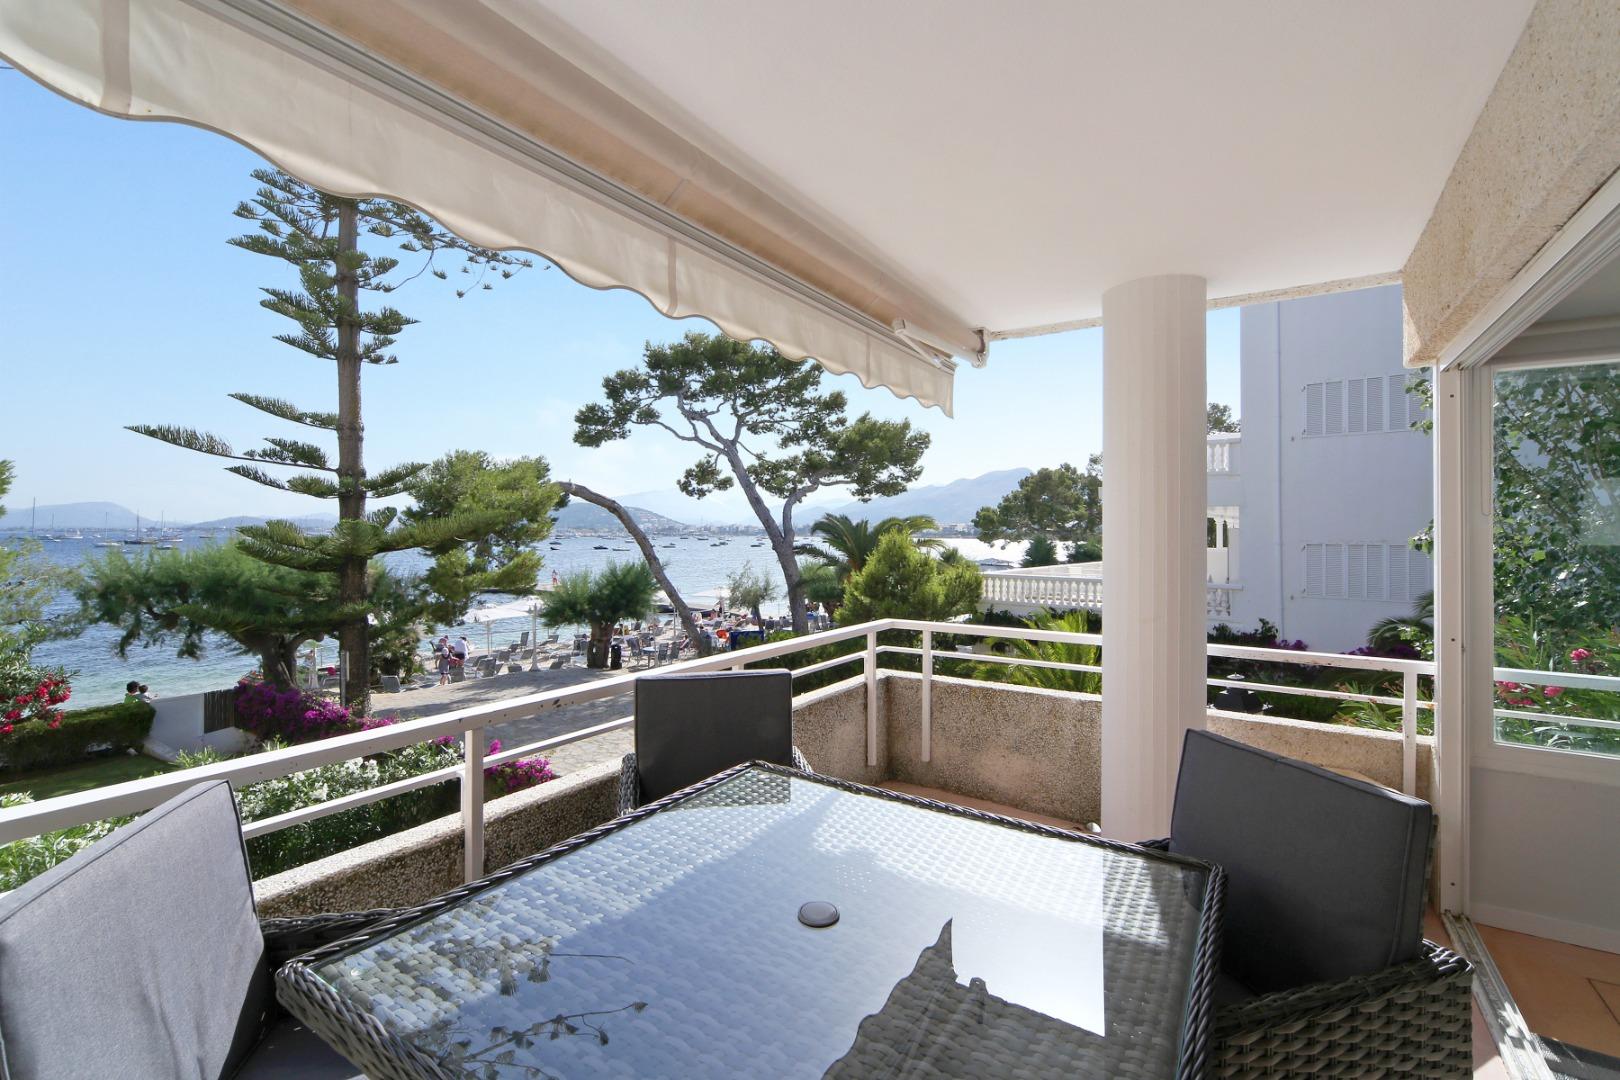 Appartement  Carrer del voltor, 47. Fabuloso apartamento con vistas al mar